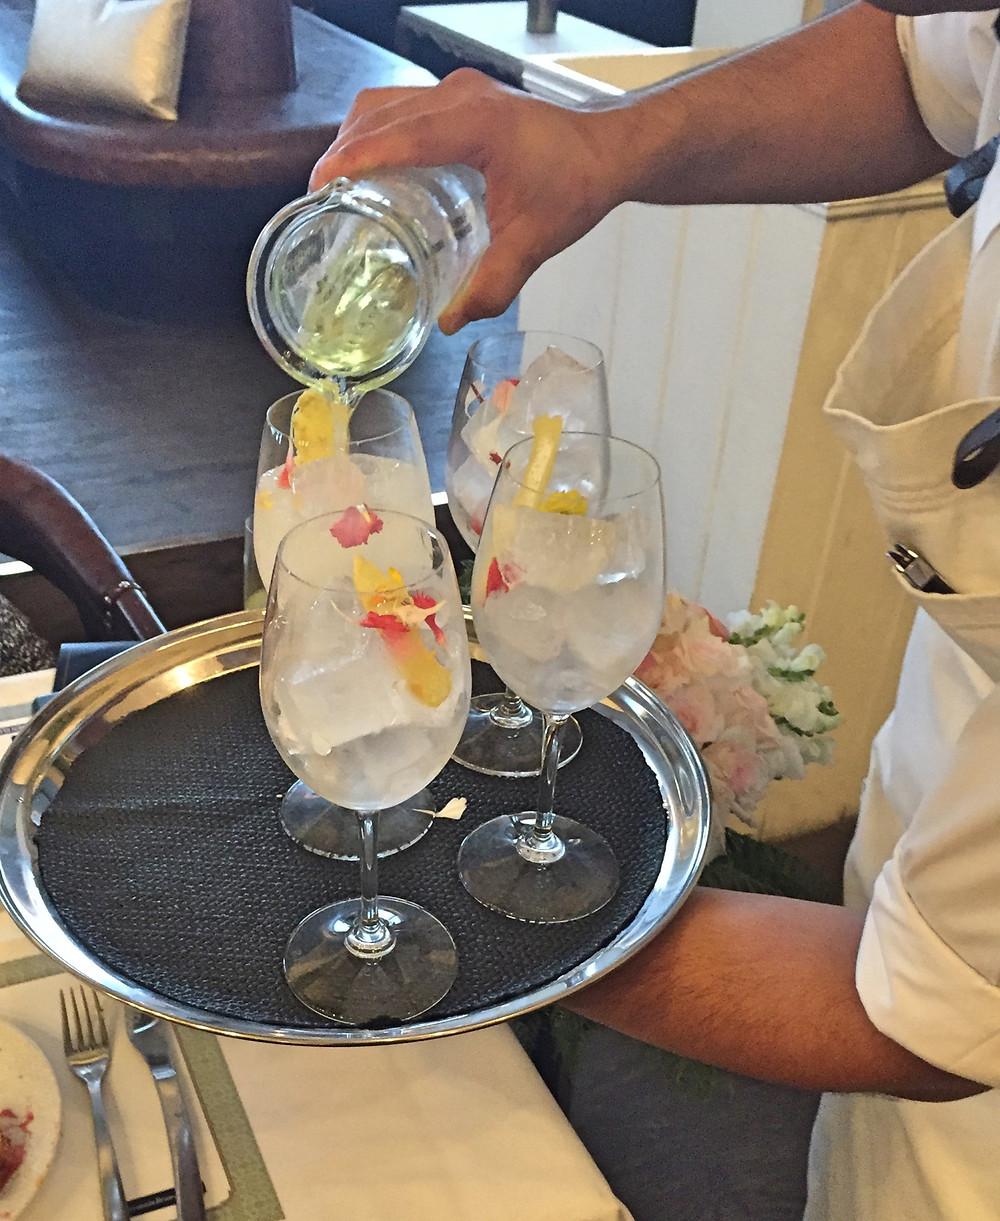 St Germain Cocktails